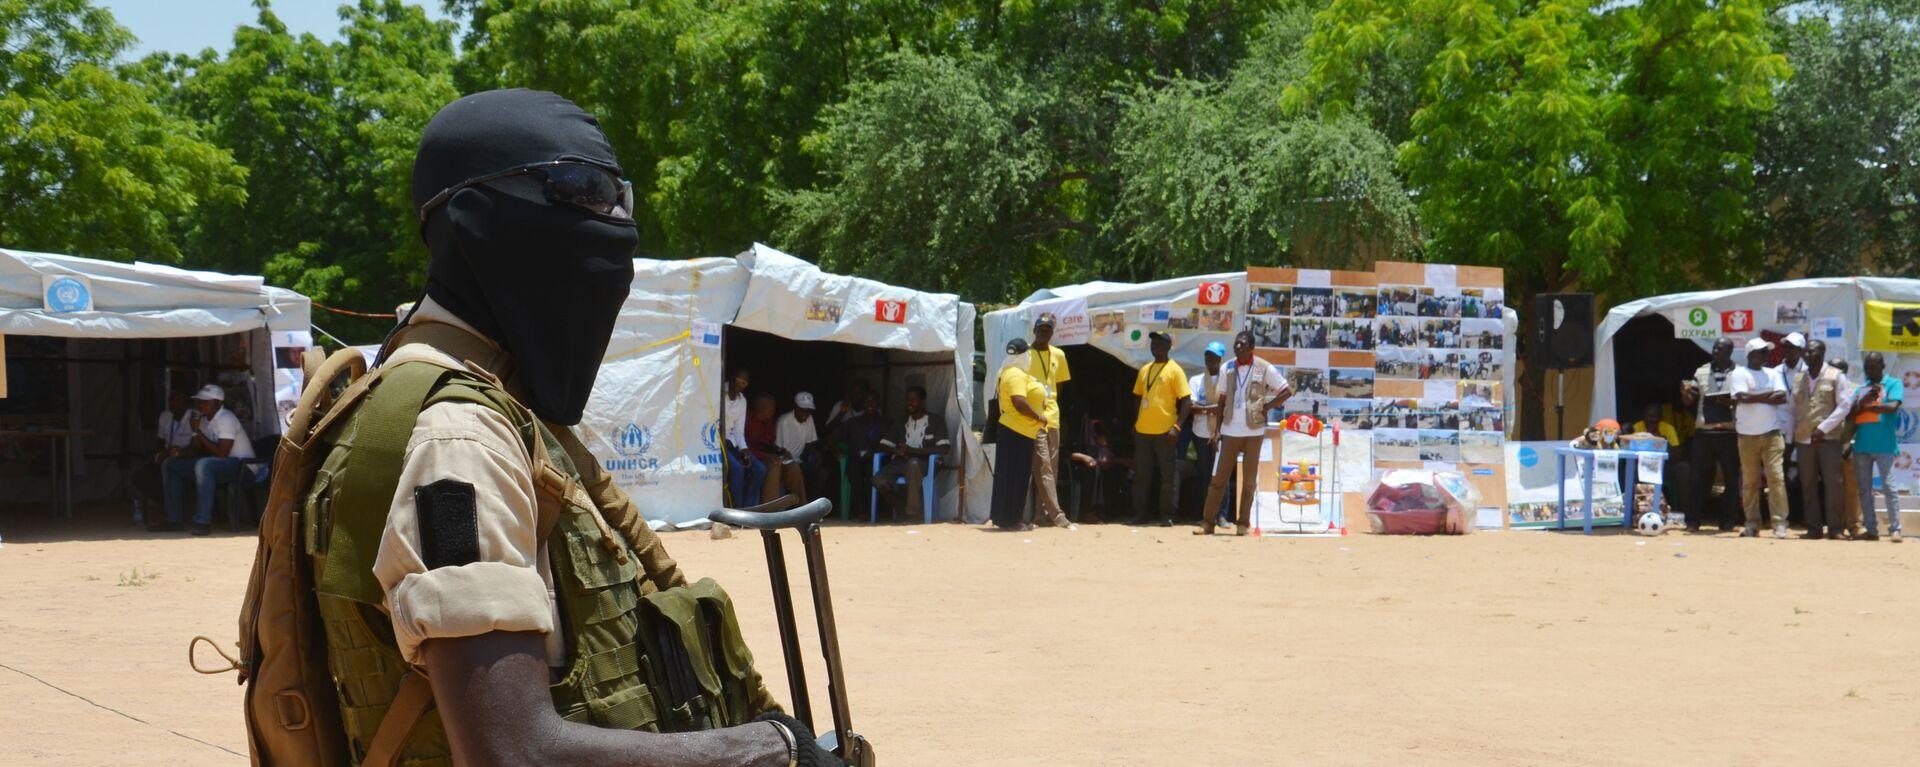 Un soldado de Níger cerca a un punto de información para gente desplazada (Archivo) - Sputnik Mundo, 1920, 02.01.2021